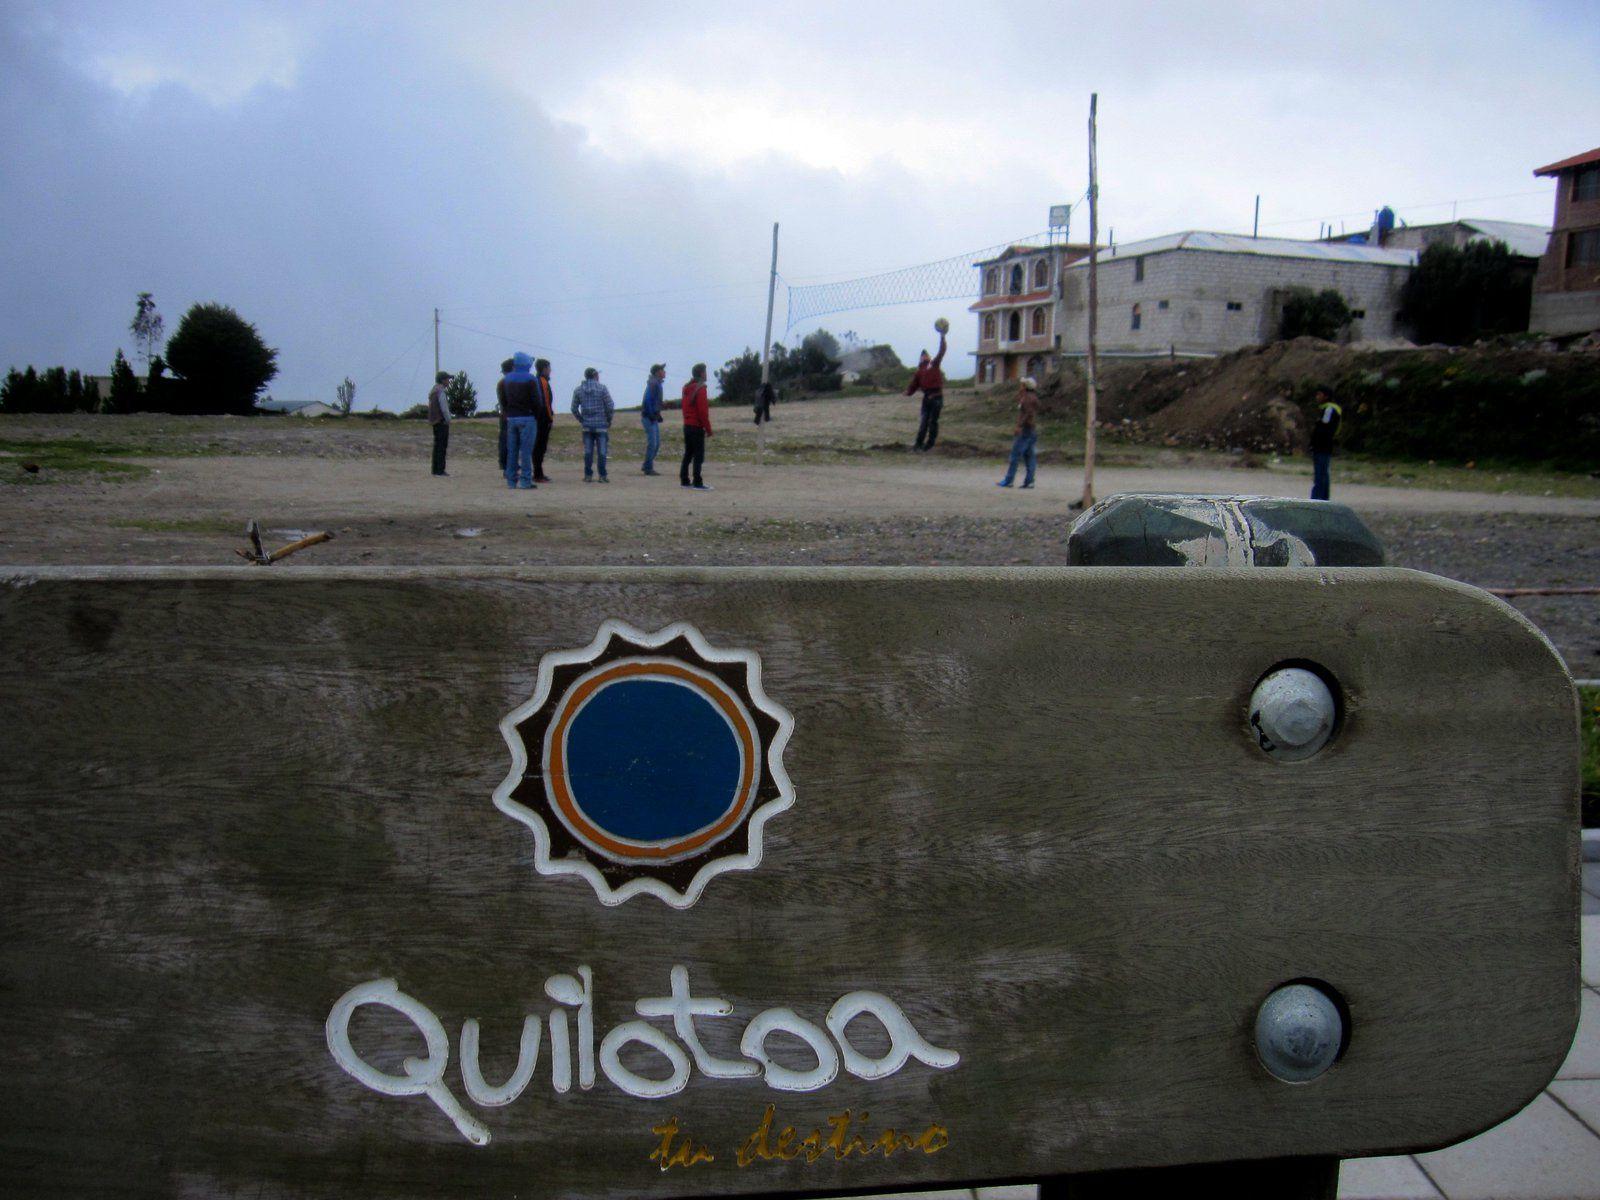 Quilotoa: Hasta que encuentre la laguna